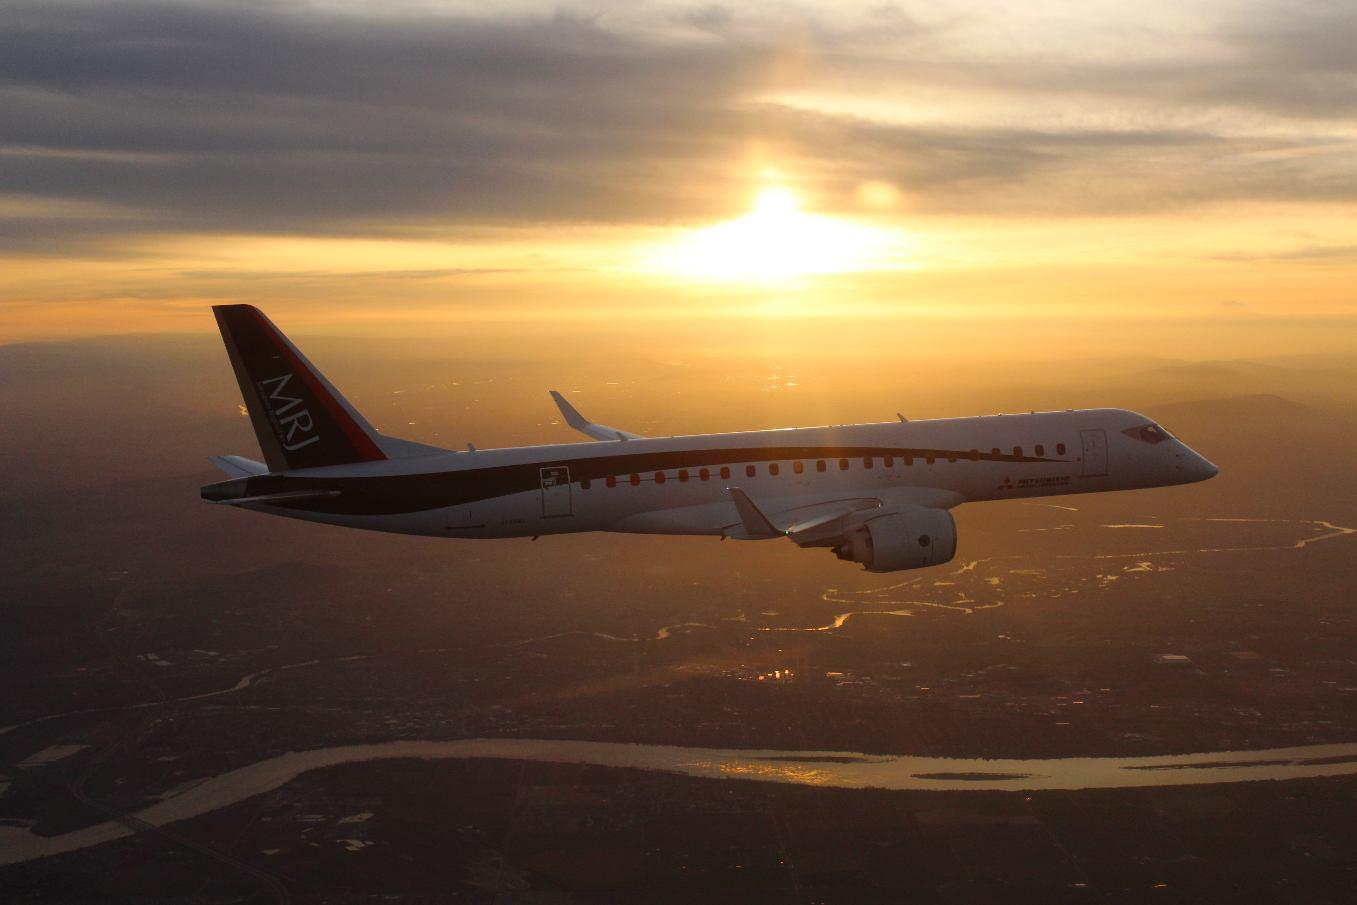 Le MRJ FTA-3 rejoint les Etats-Unis